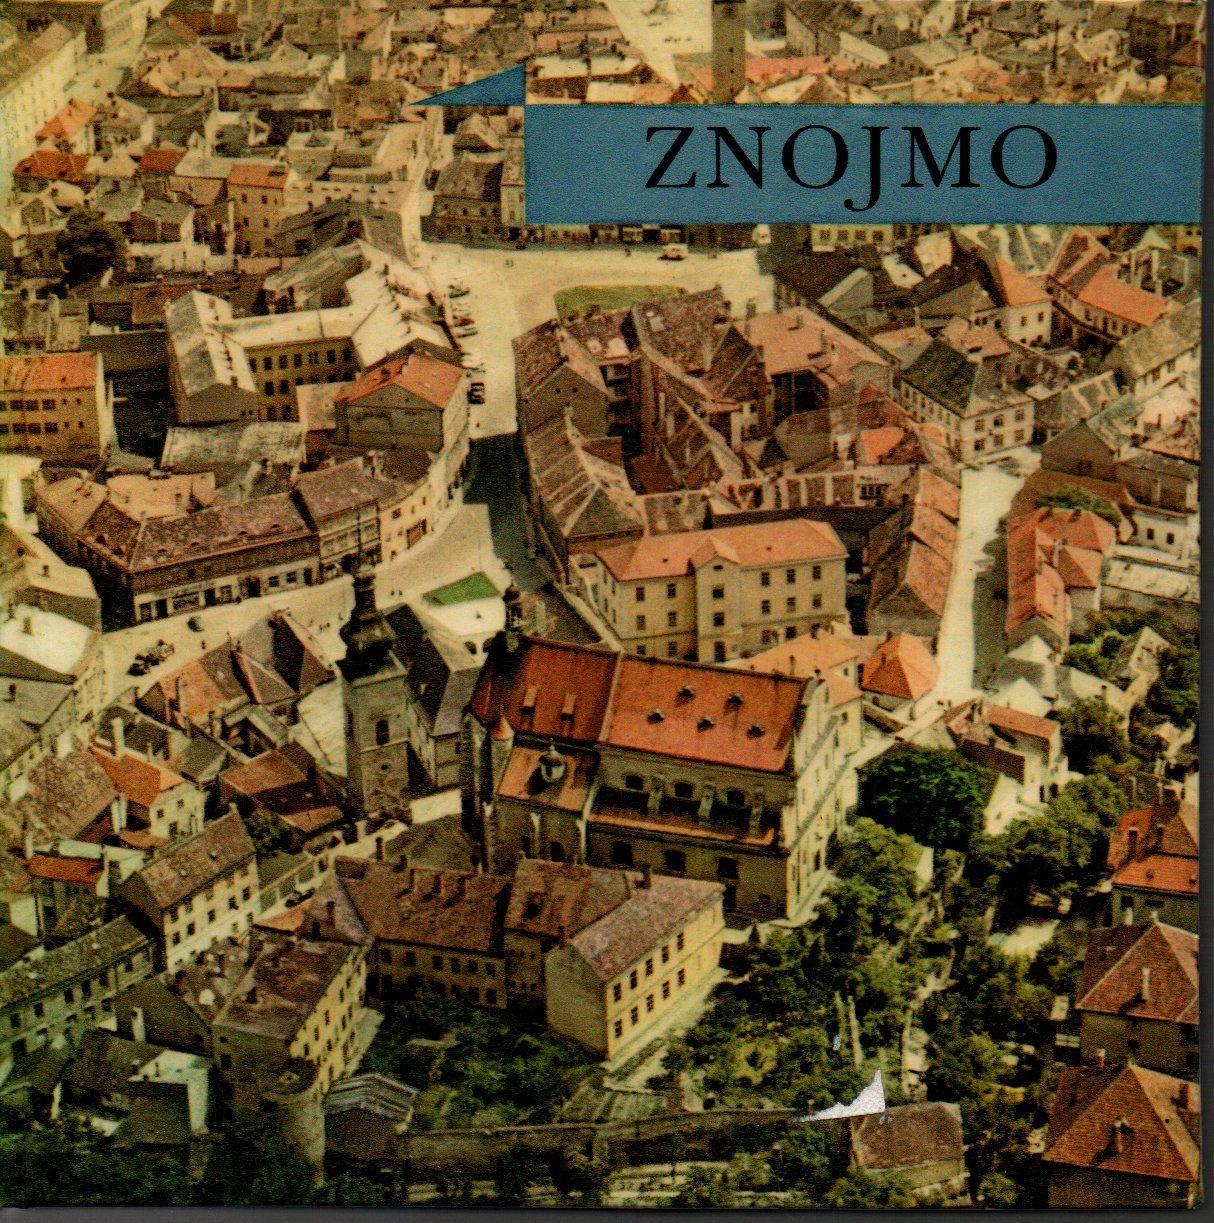 Znojmo - V. Richter, B. Samek, M. Stehlík